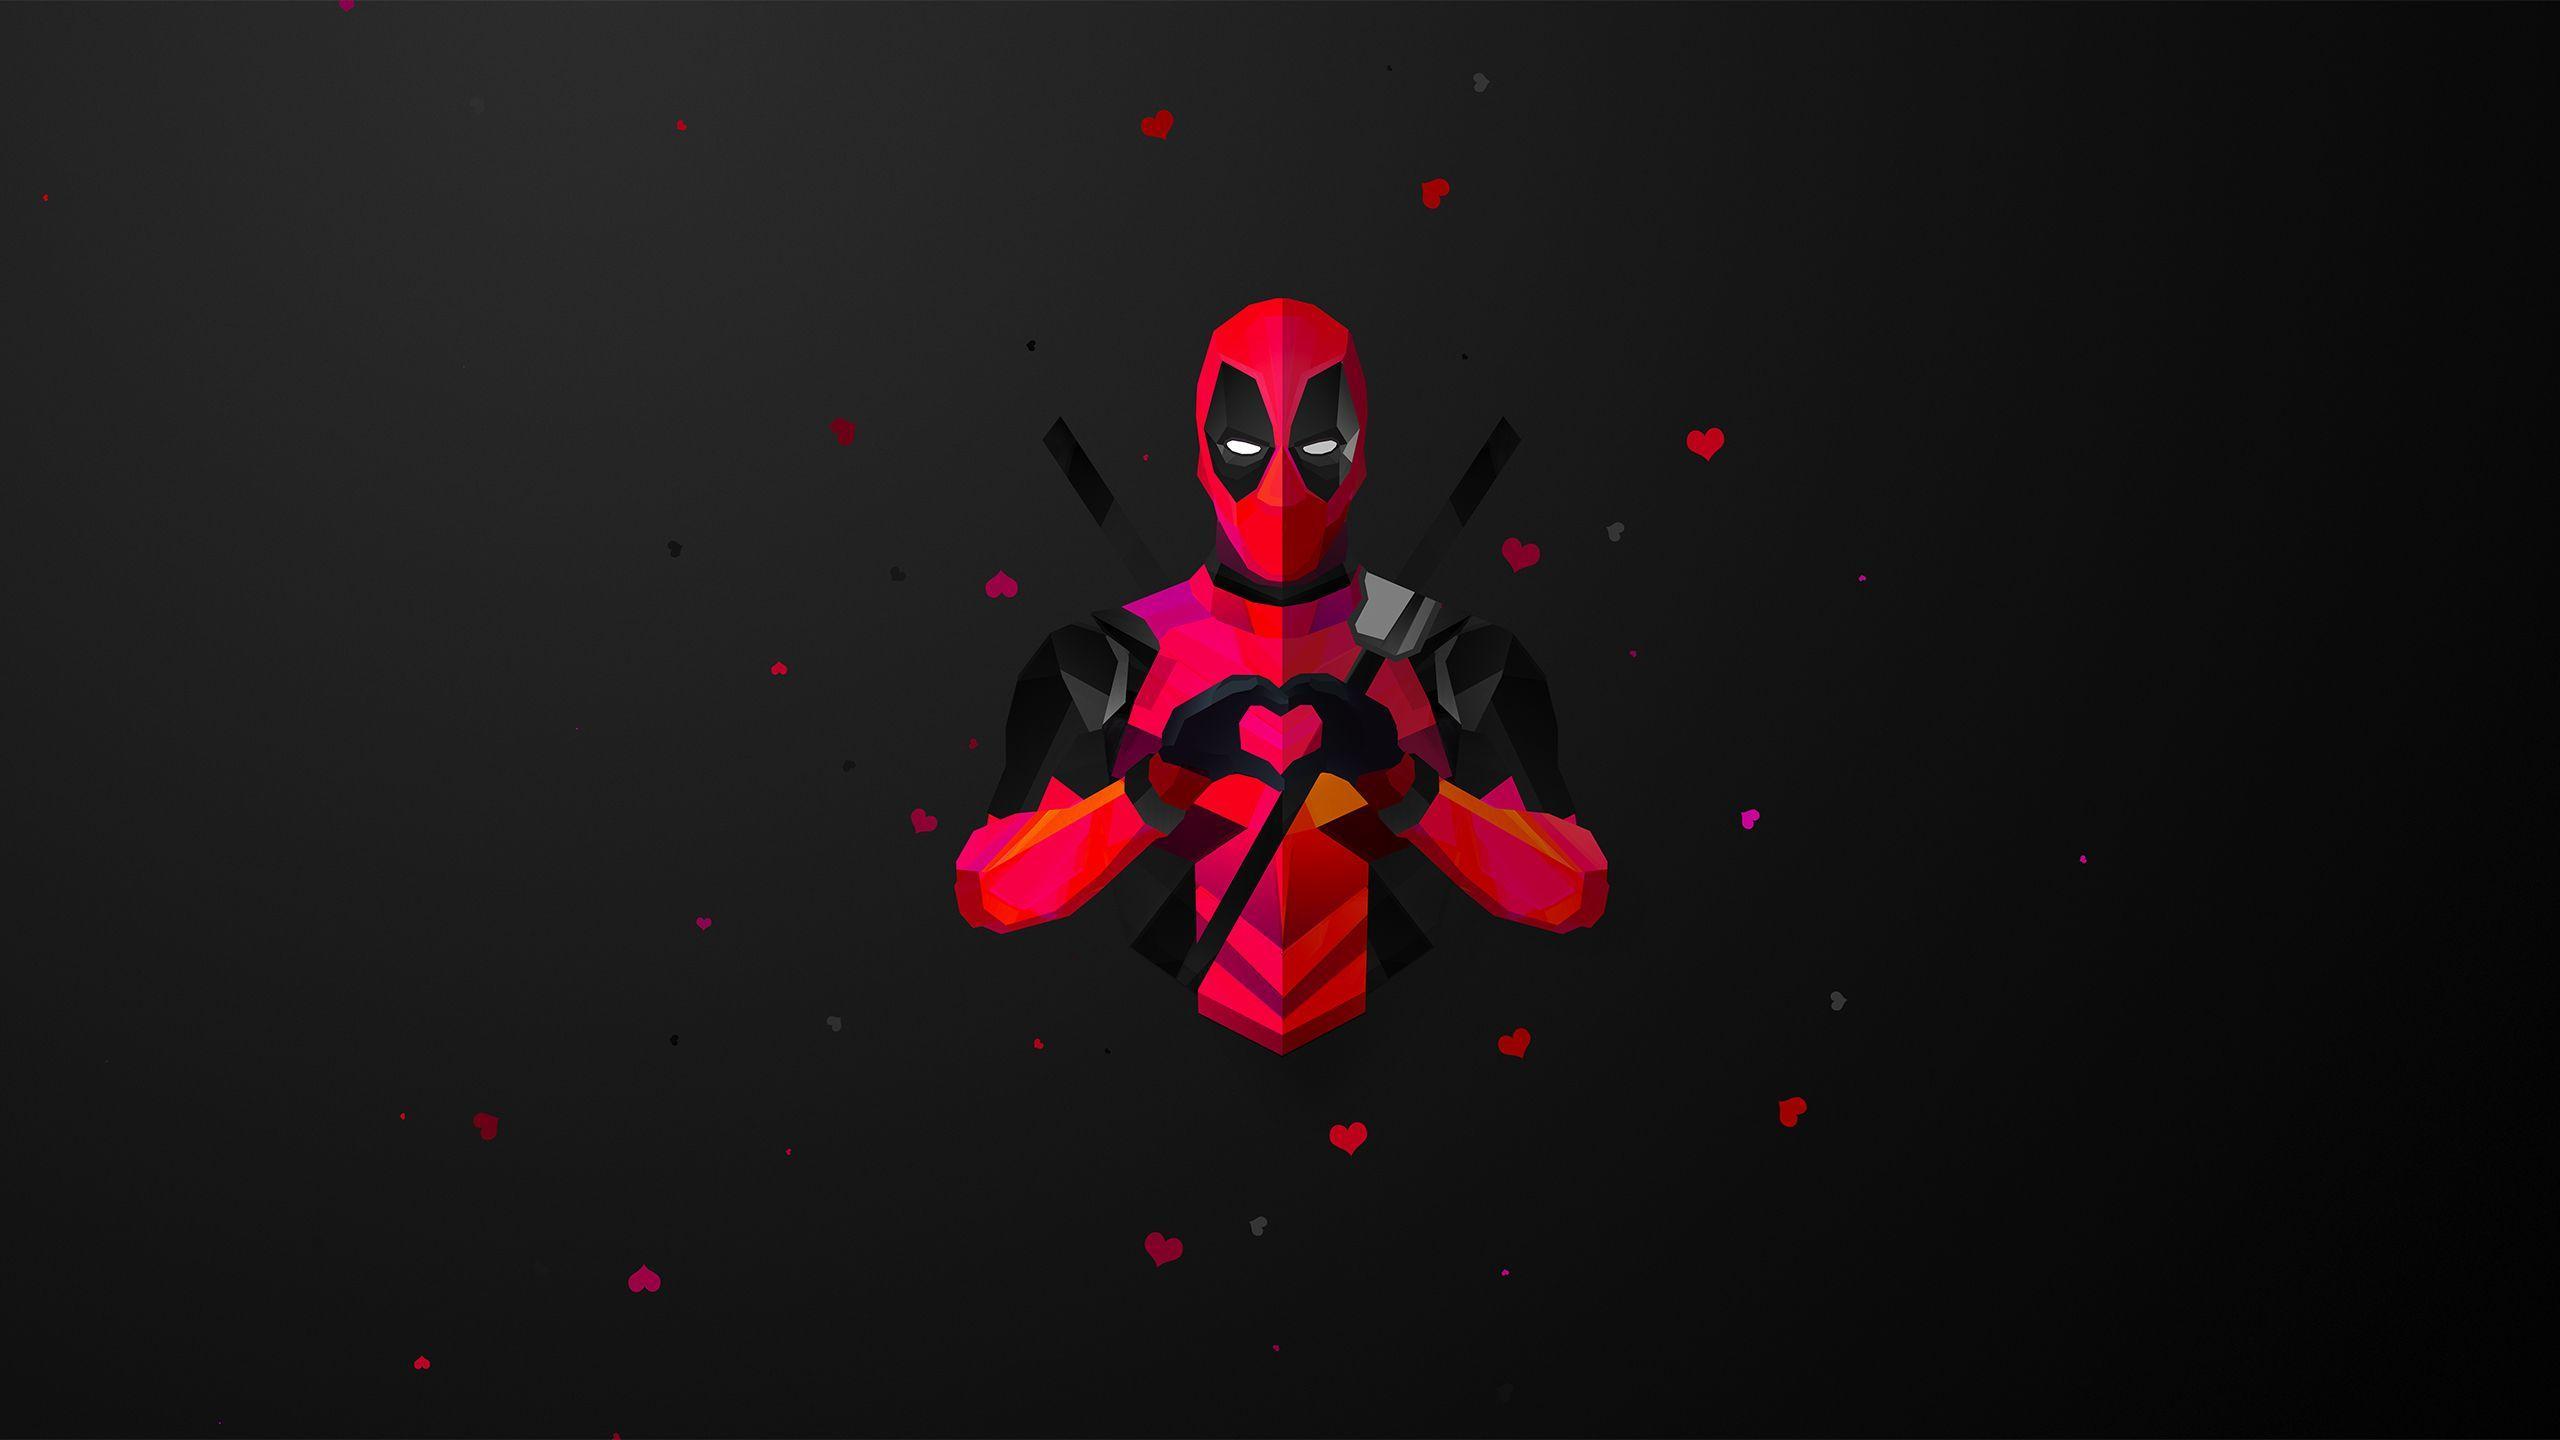 2560x1440 Hình nền Deadpool, Siêu anh hùng người Mỹ, 4K, 8K, HD, Phim